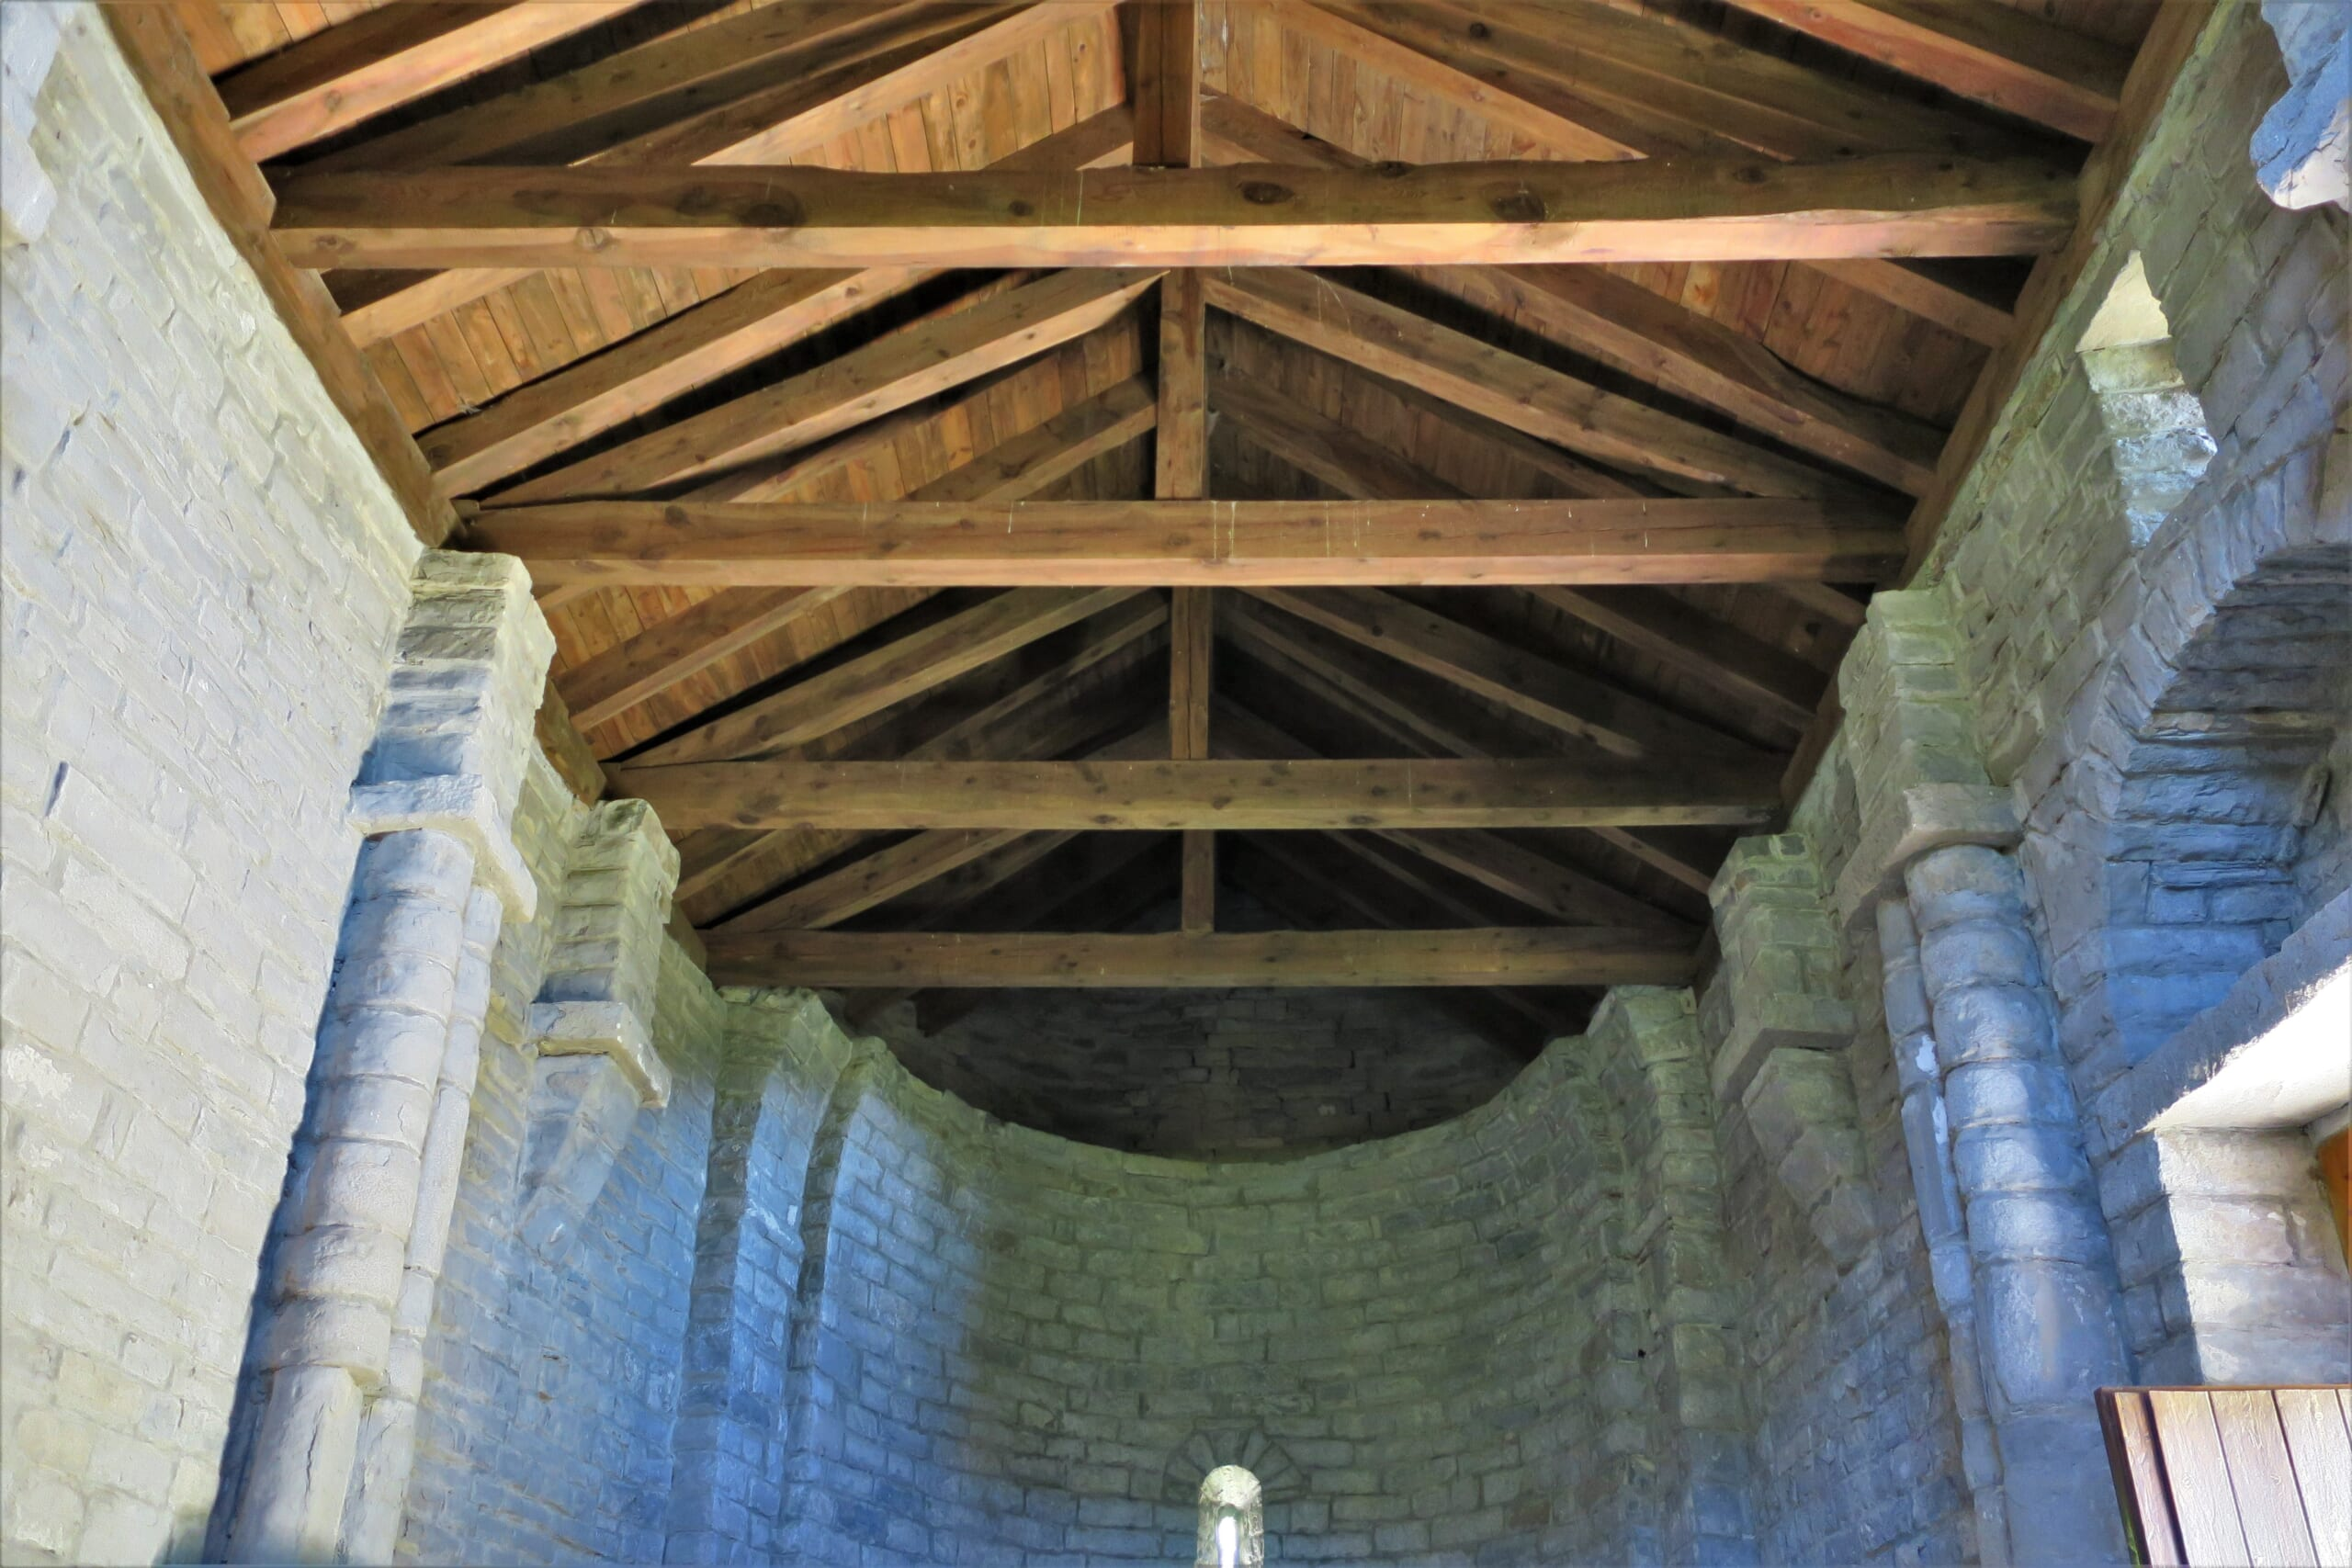 北スペインのプレロマネスク様式の教会